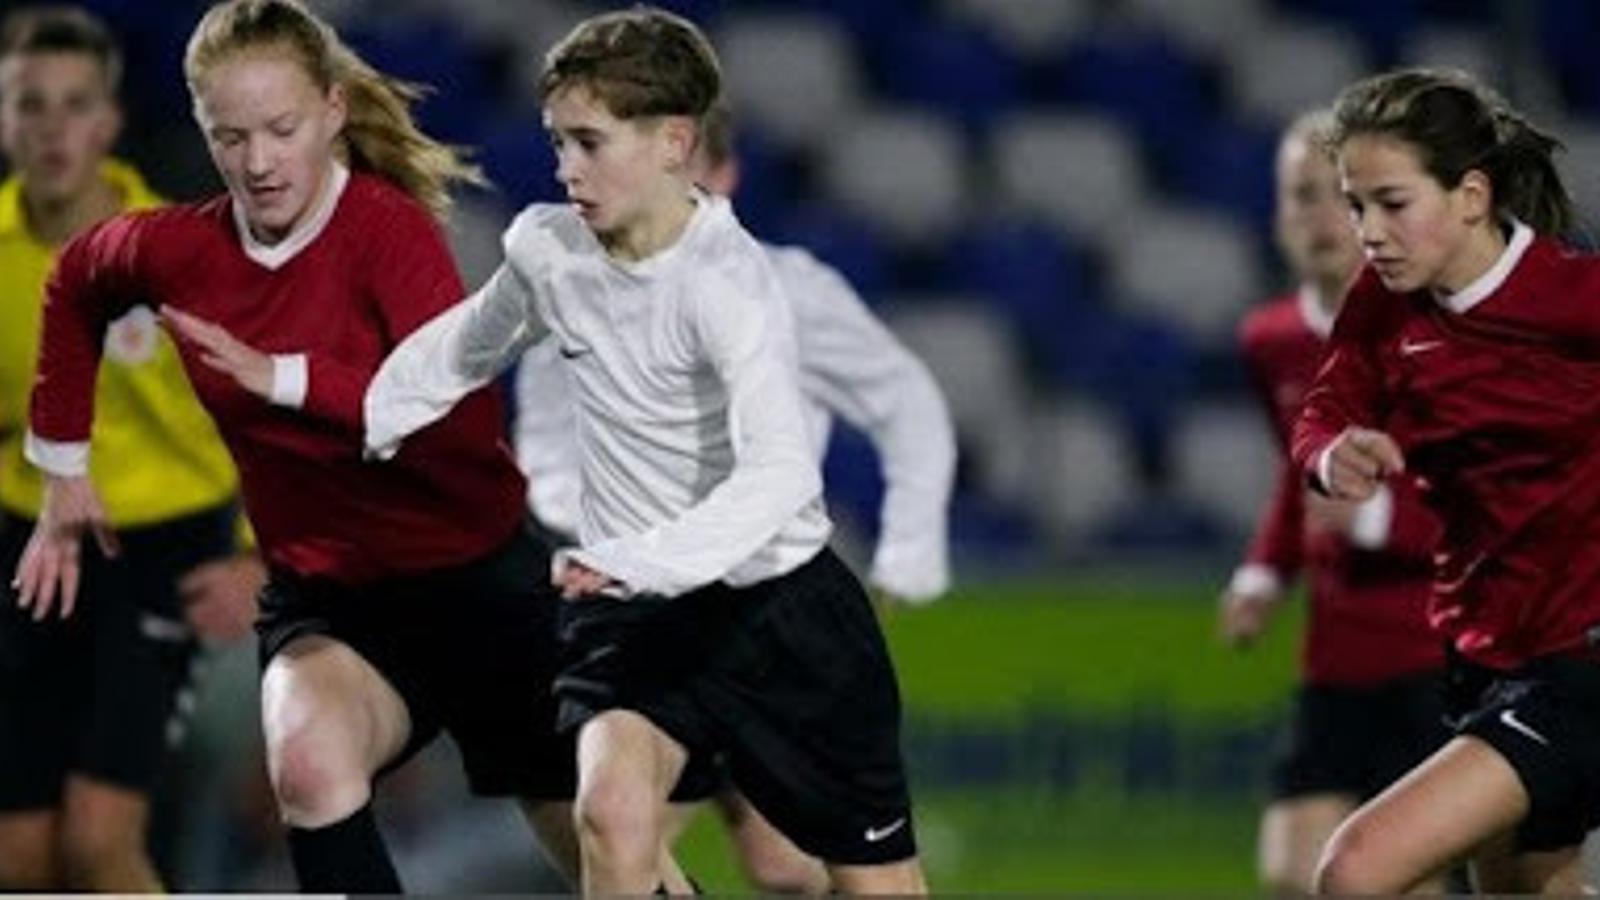 Les noies poden jugar en equips mixtos fins als 18 anys, ara, Ellen Fokkema, ha trencat aquesta norma